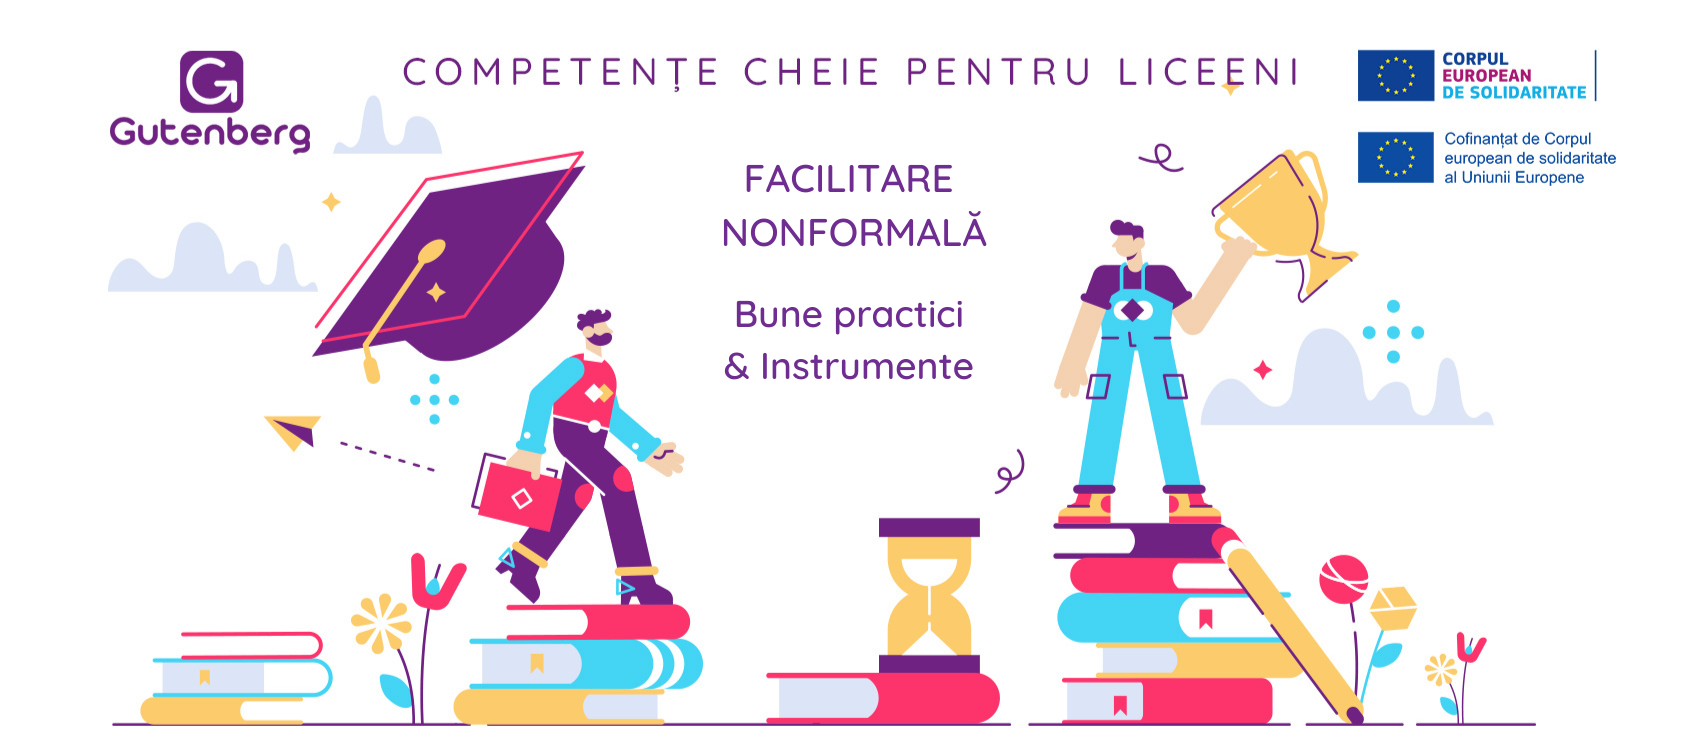 Competente Cheie - Facilitare nonformala - Bune practici & Instrumente